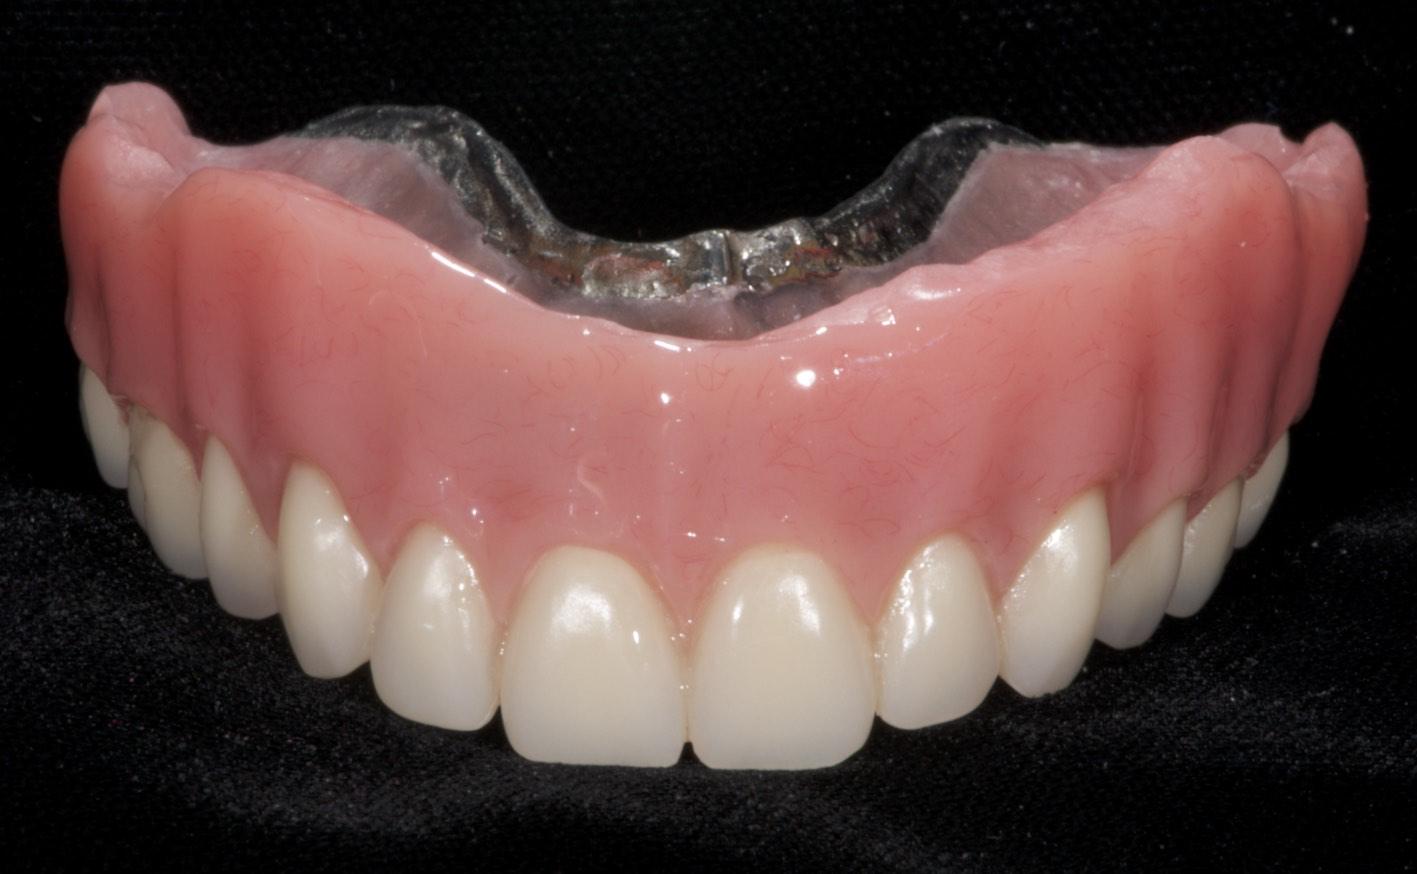 Top dentures